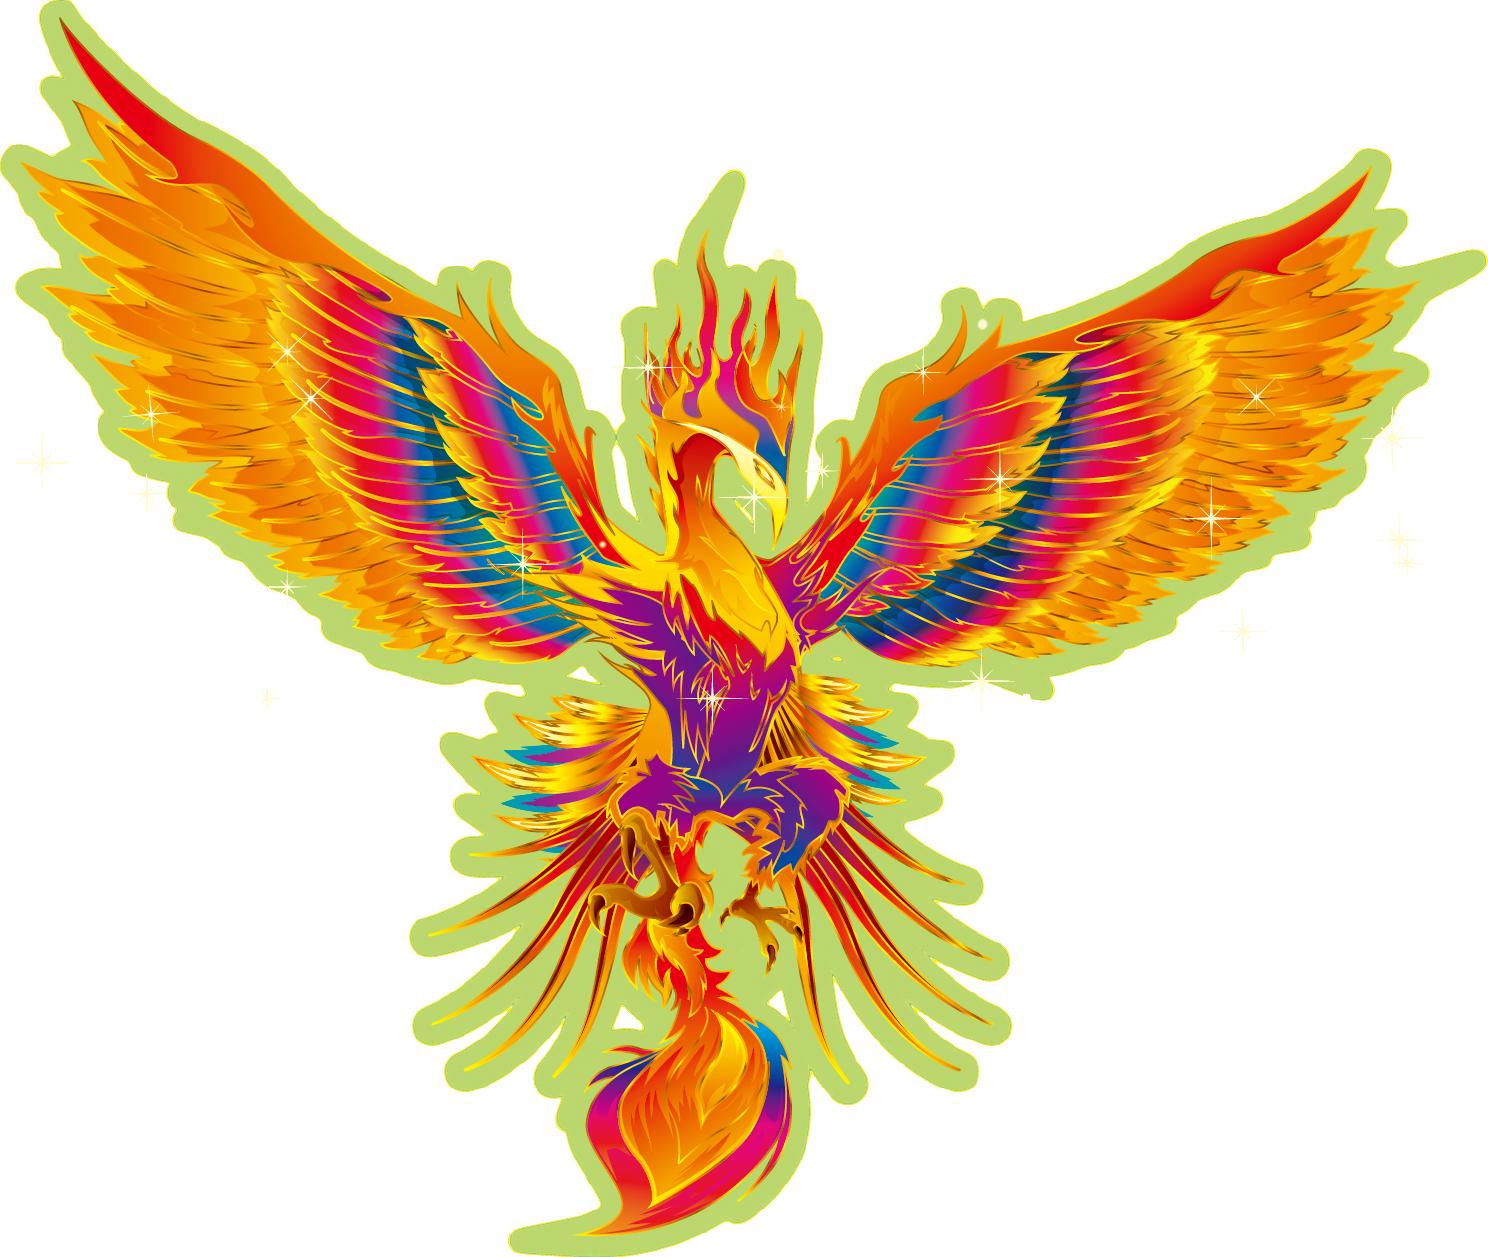 お店のロゴには、朱雀 鳳凰 不死鳥フェニックス? | 究極の美と健康